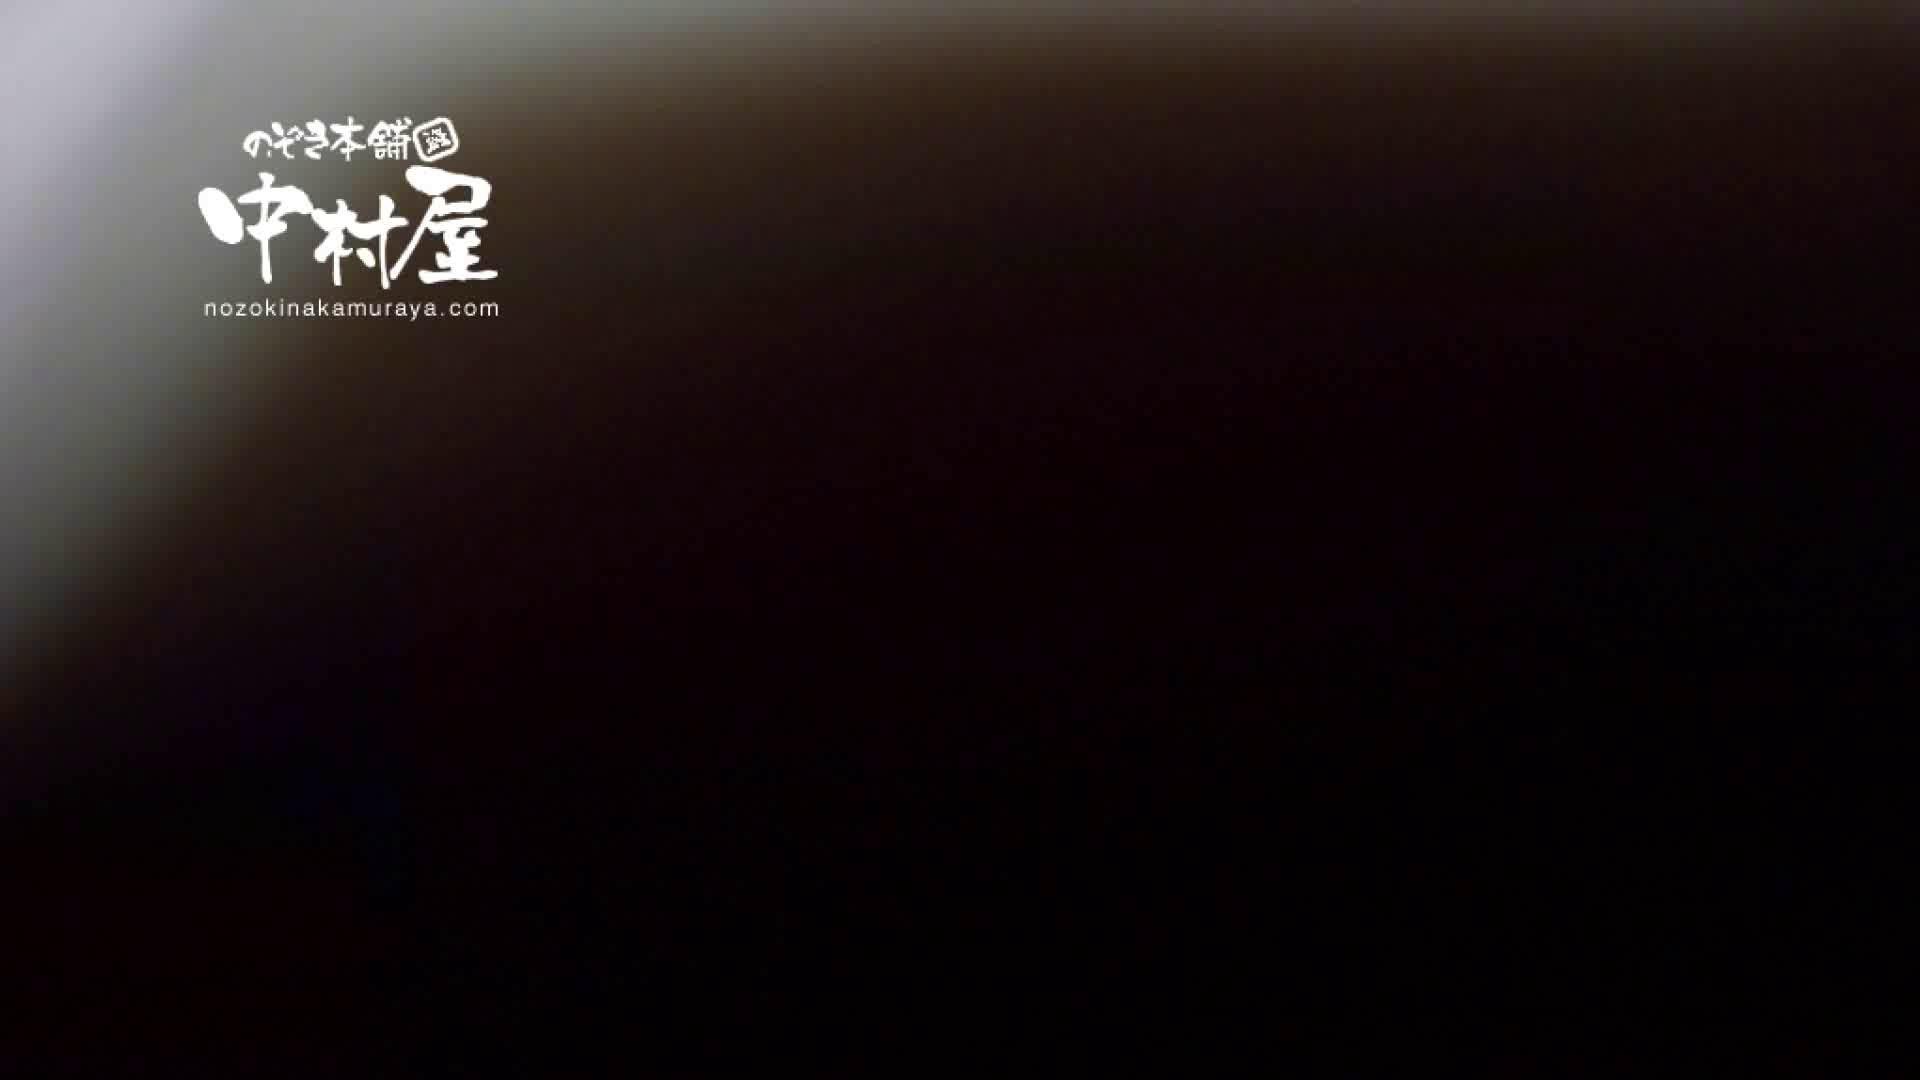 鬼畜 vol.14 小生意気なおなごにはペナルティー 後編 独身エッチOL | 鬼畜  106pic 101